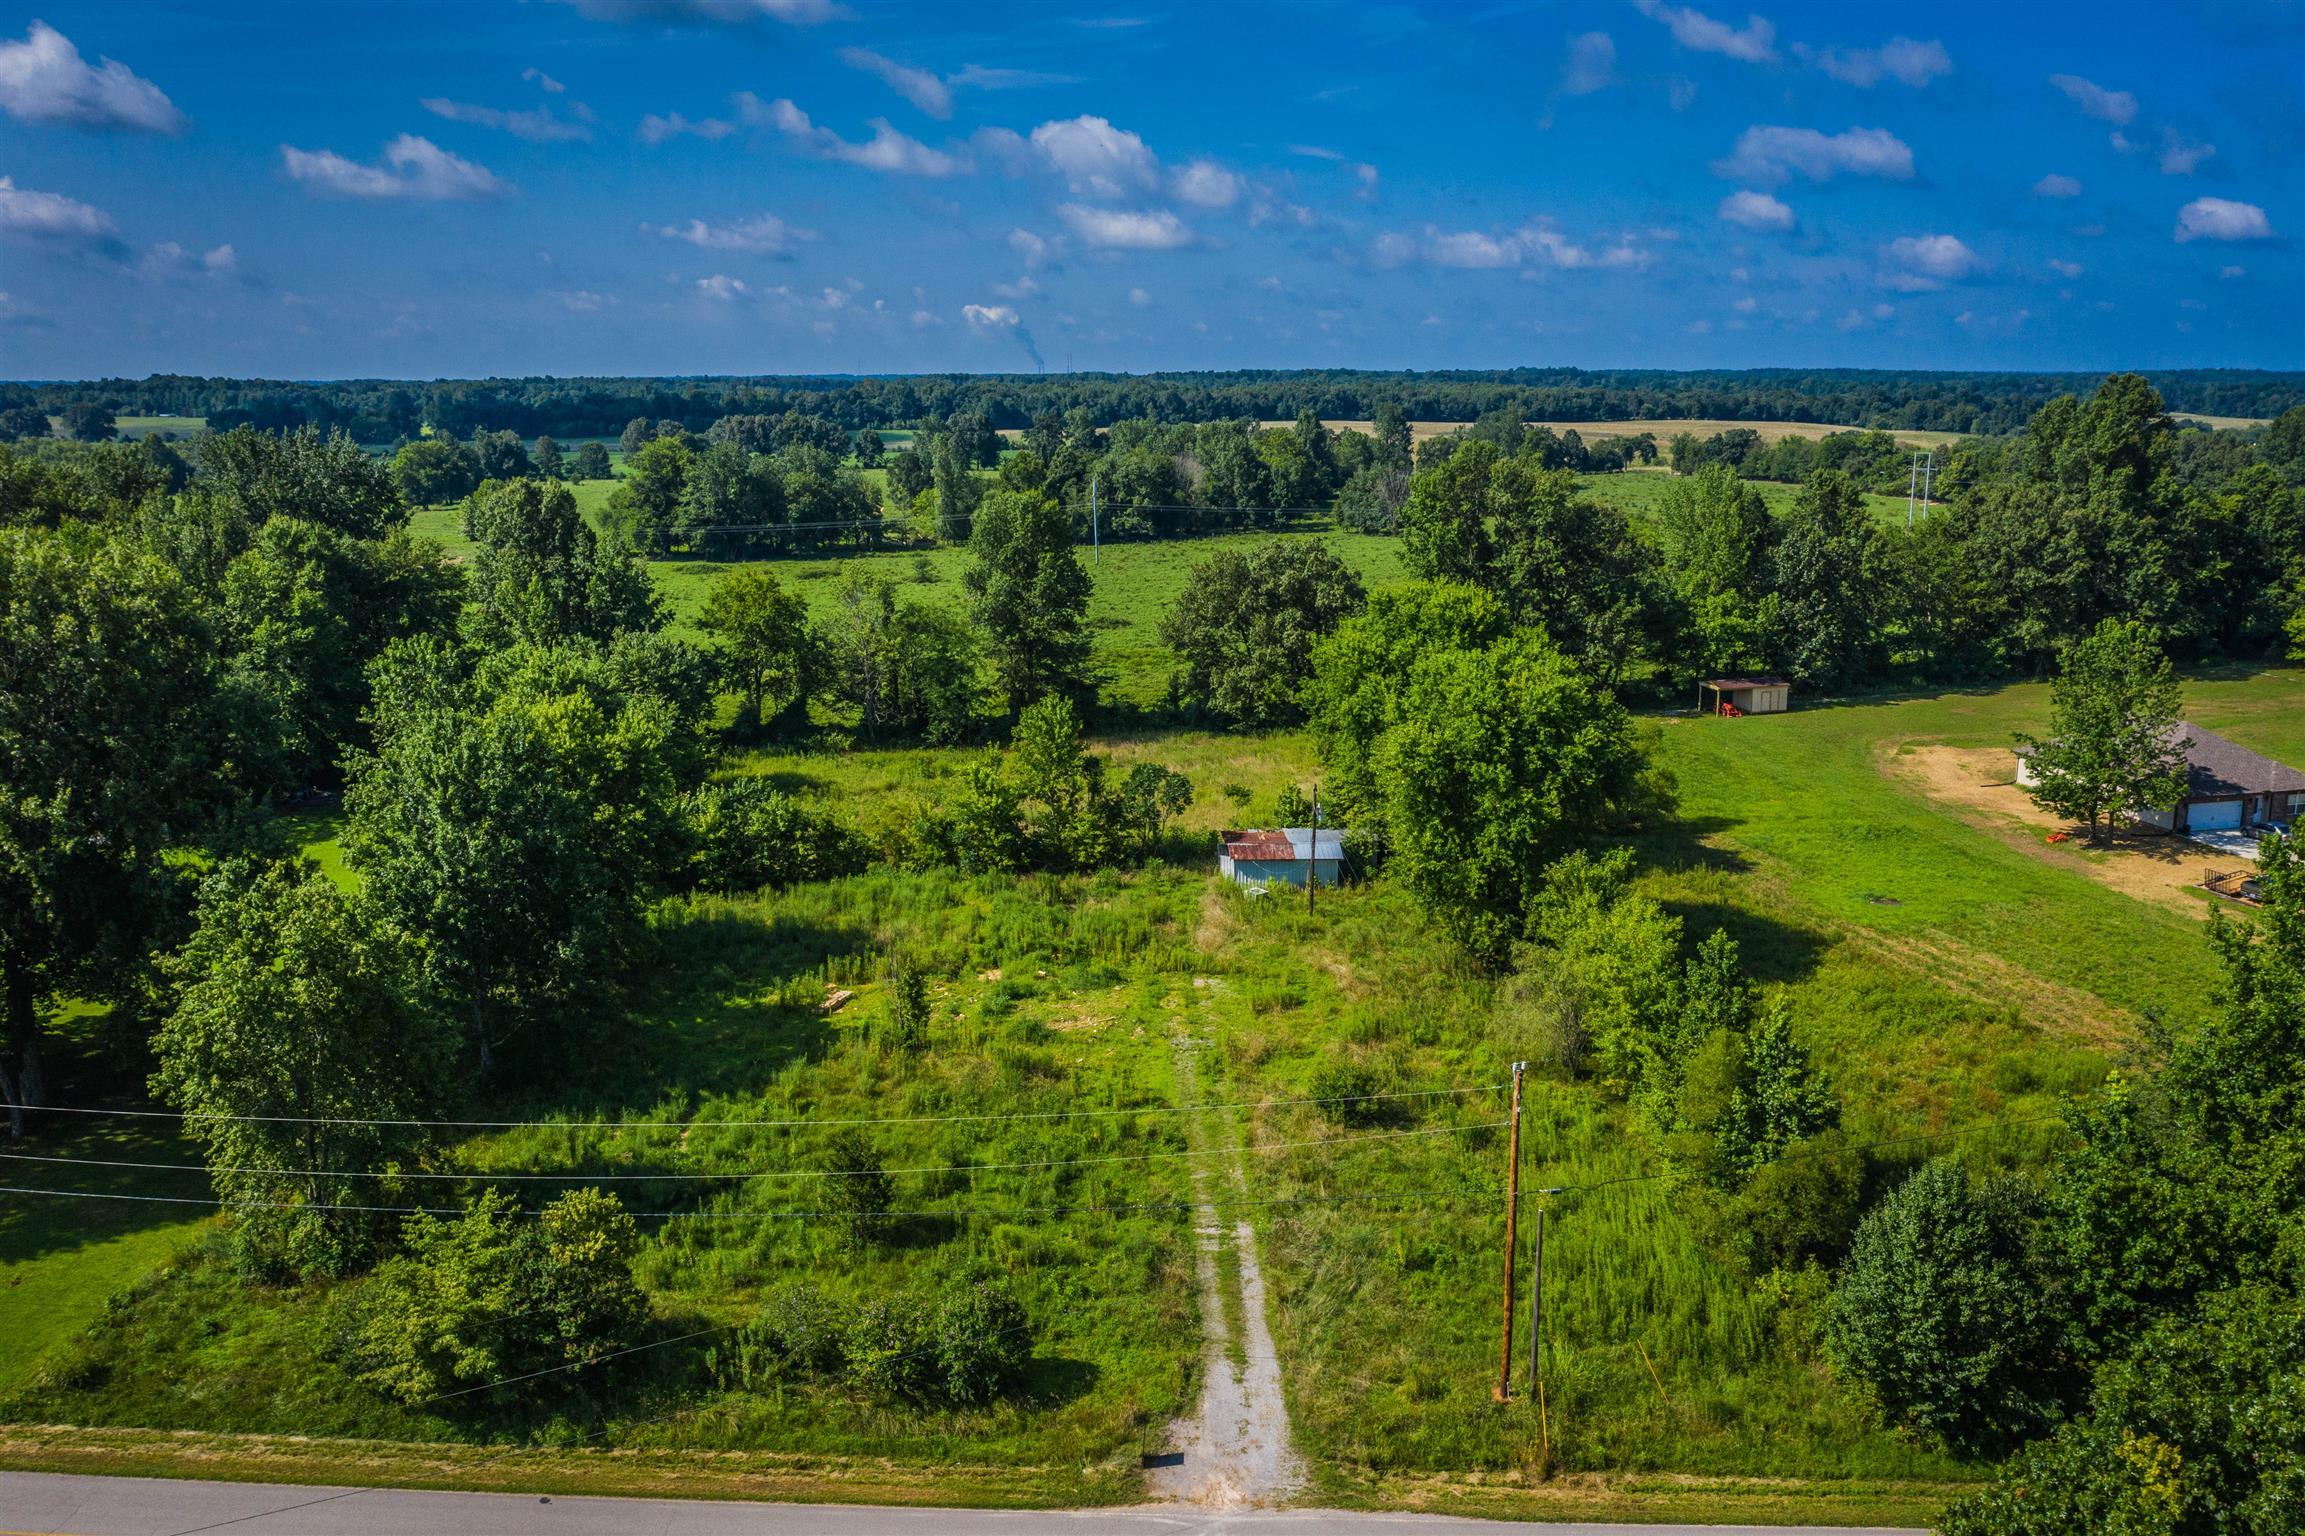 2600 Indian Mound Rd, Woodlawn, TN 37191 - Woodlawn, TN real estate listing